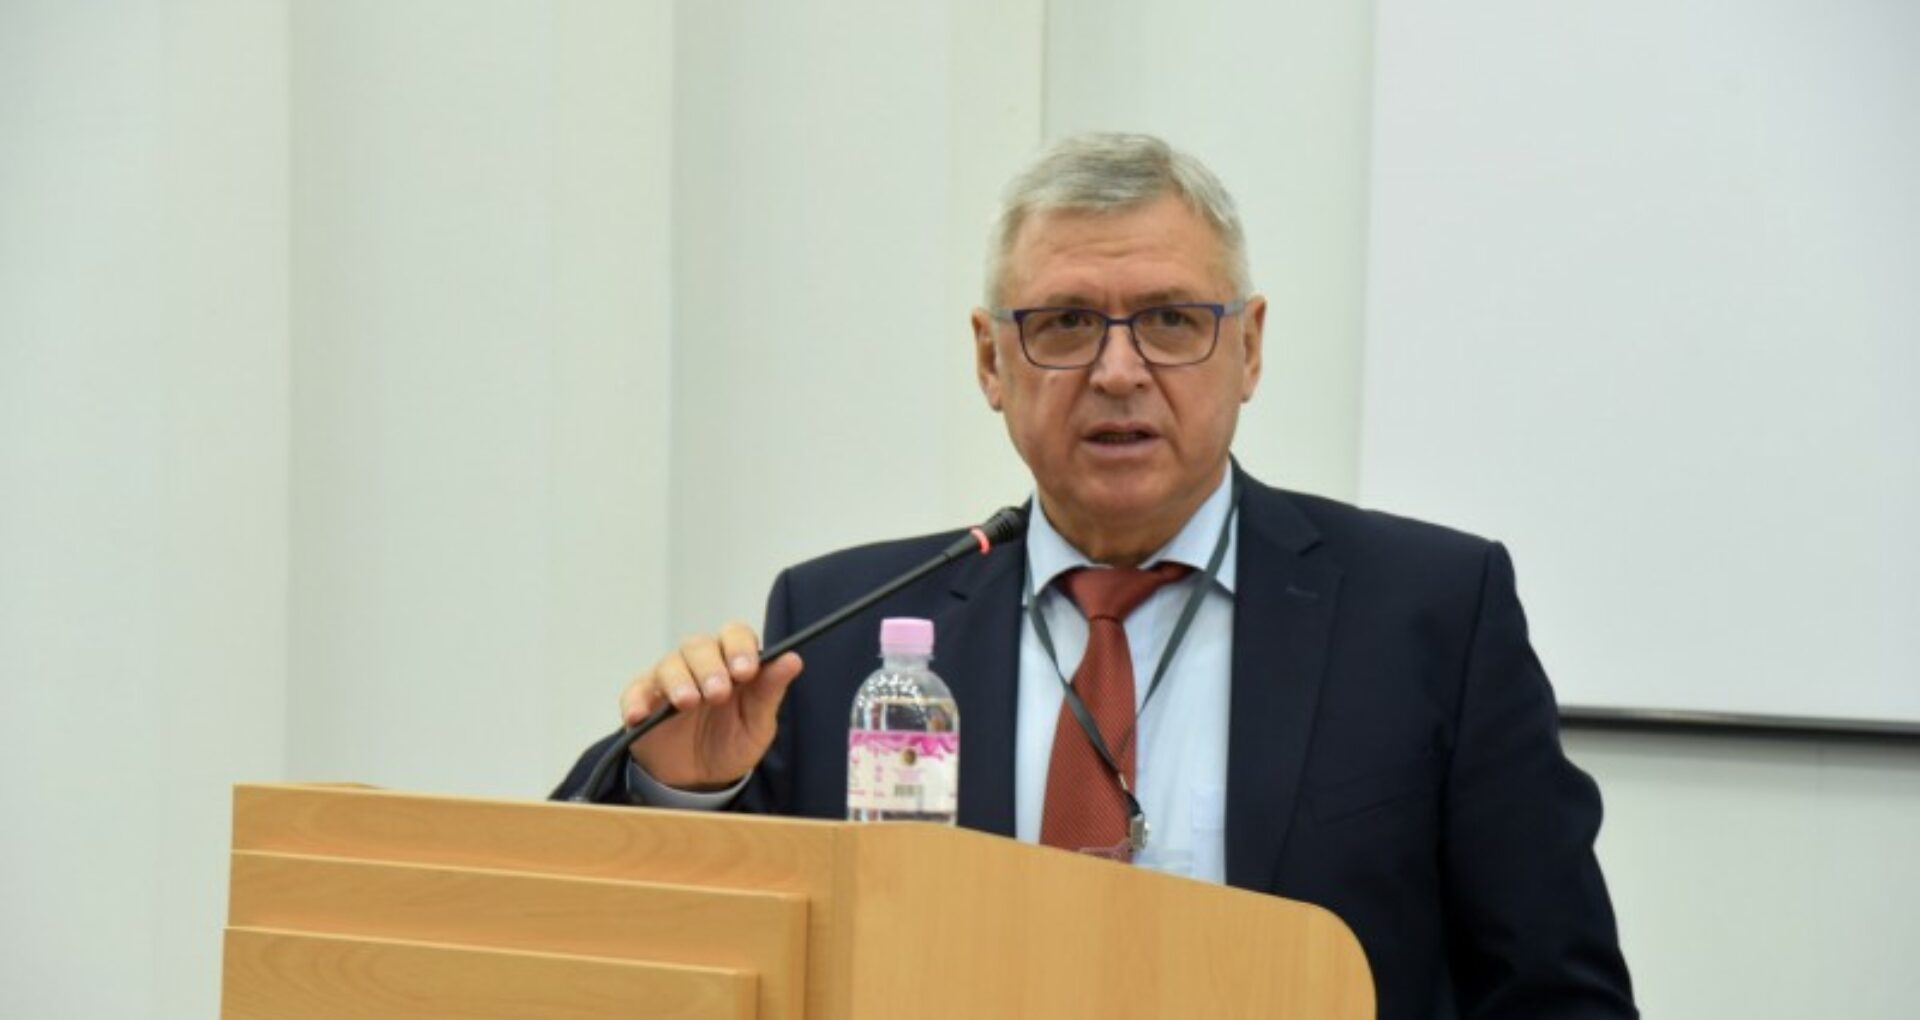 Anatol Ciubotaru, ex-directorul Spitalului Republican, a fost restabilit în funcție printr-o decizie a Curții Supreme de Justiție